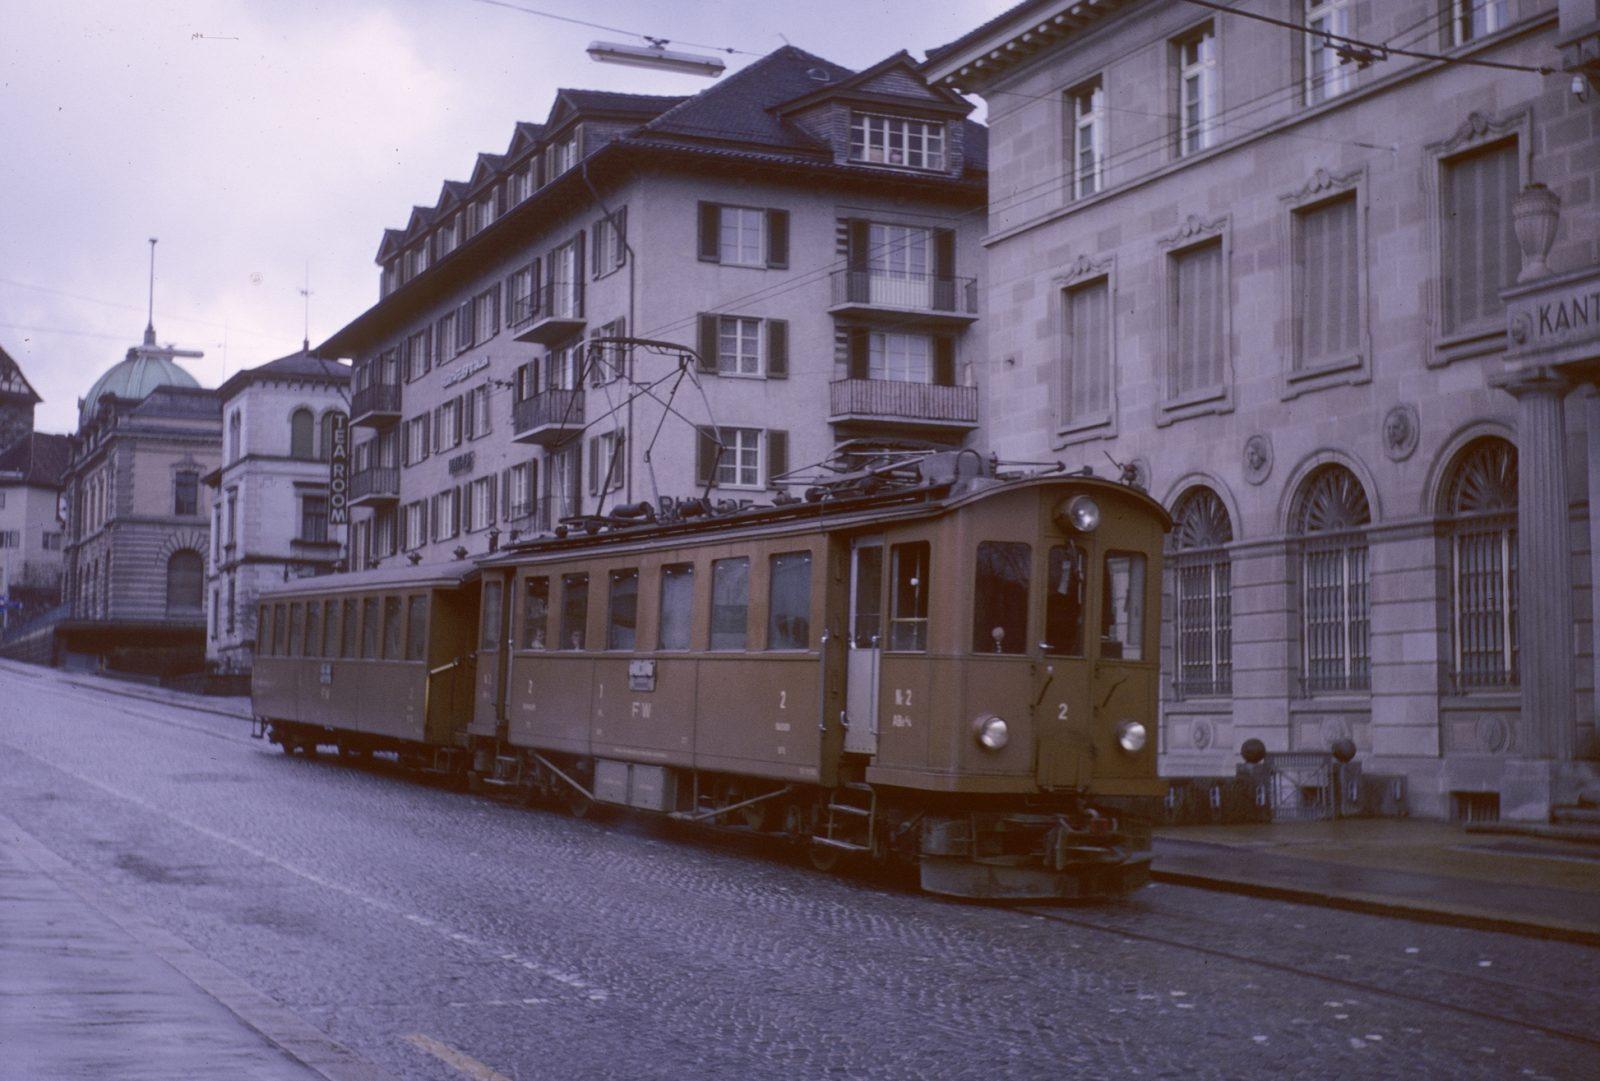 FW Triebwagen Nr. 2 auf der Rheinstrasse